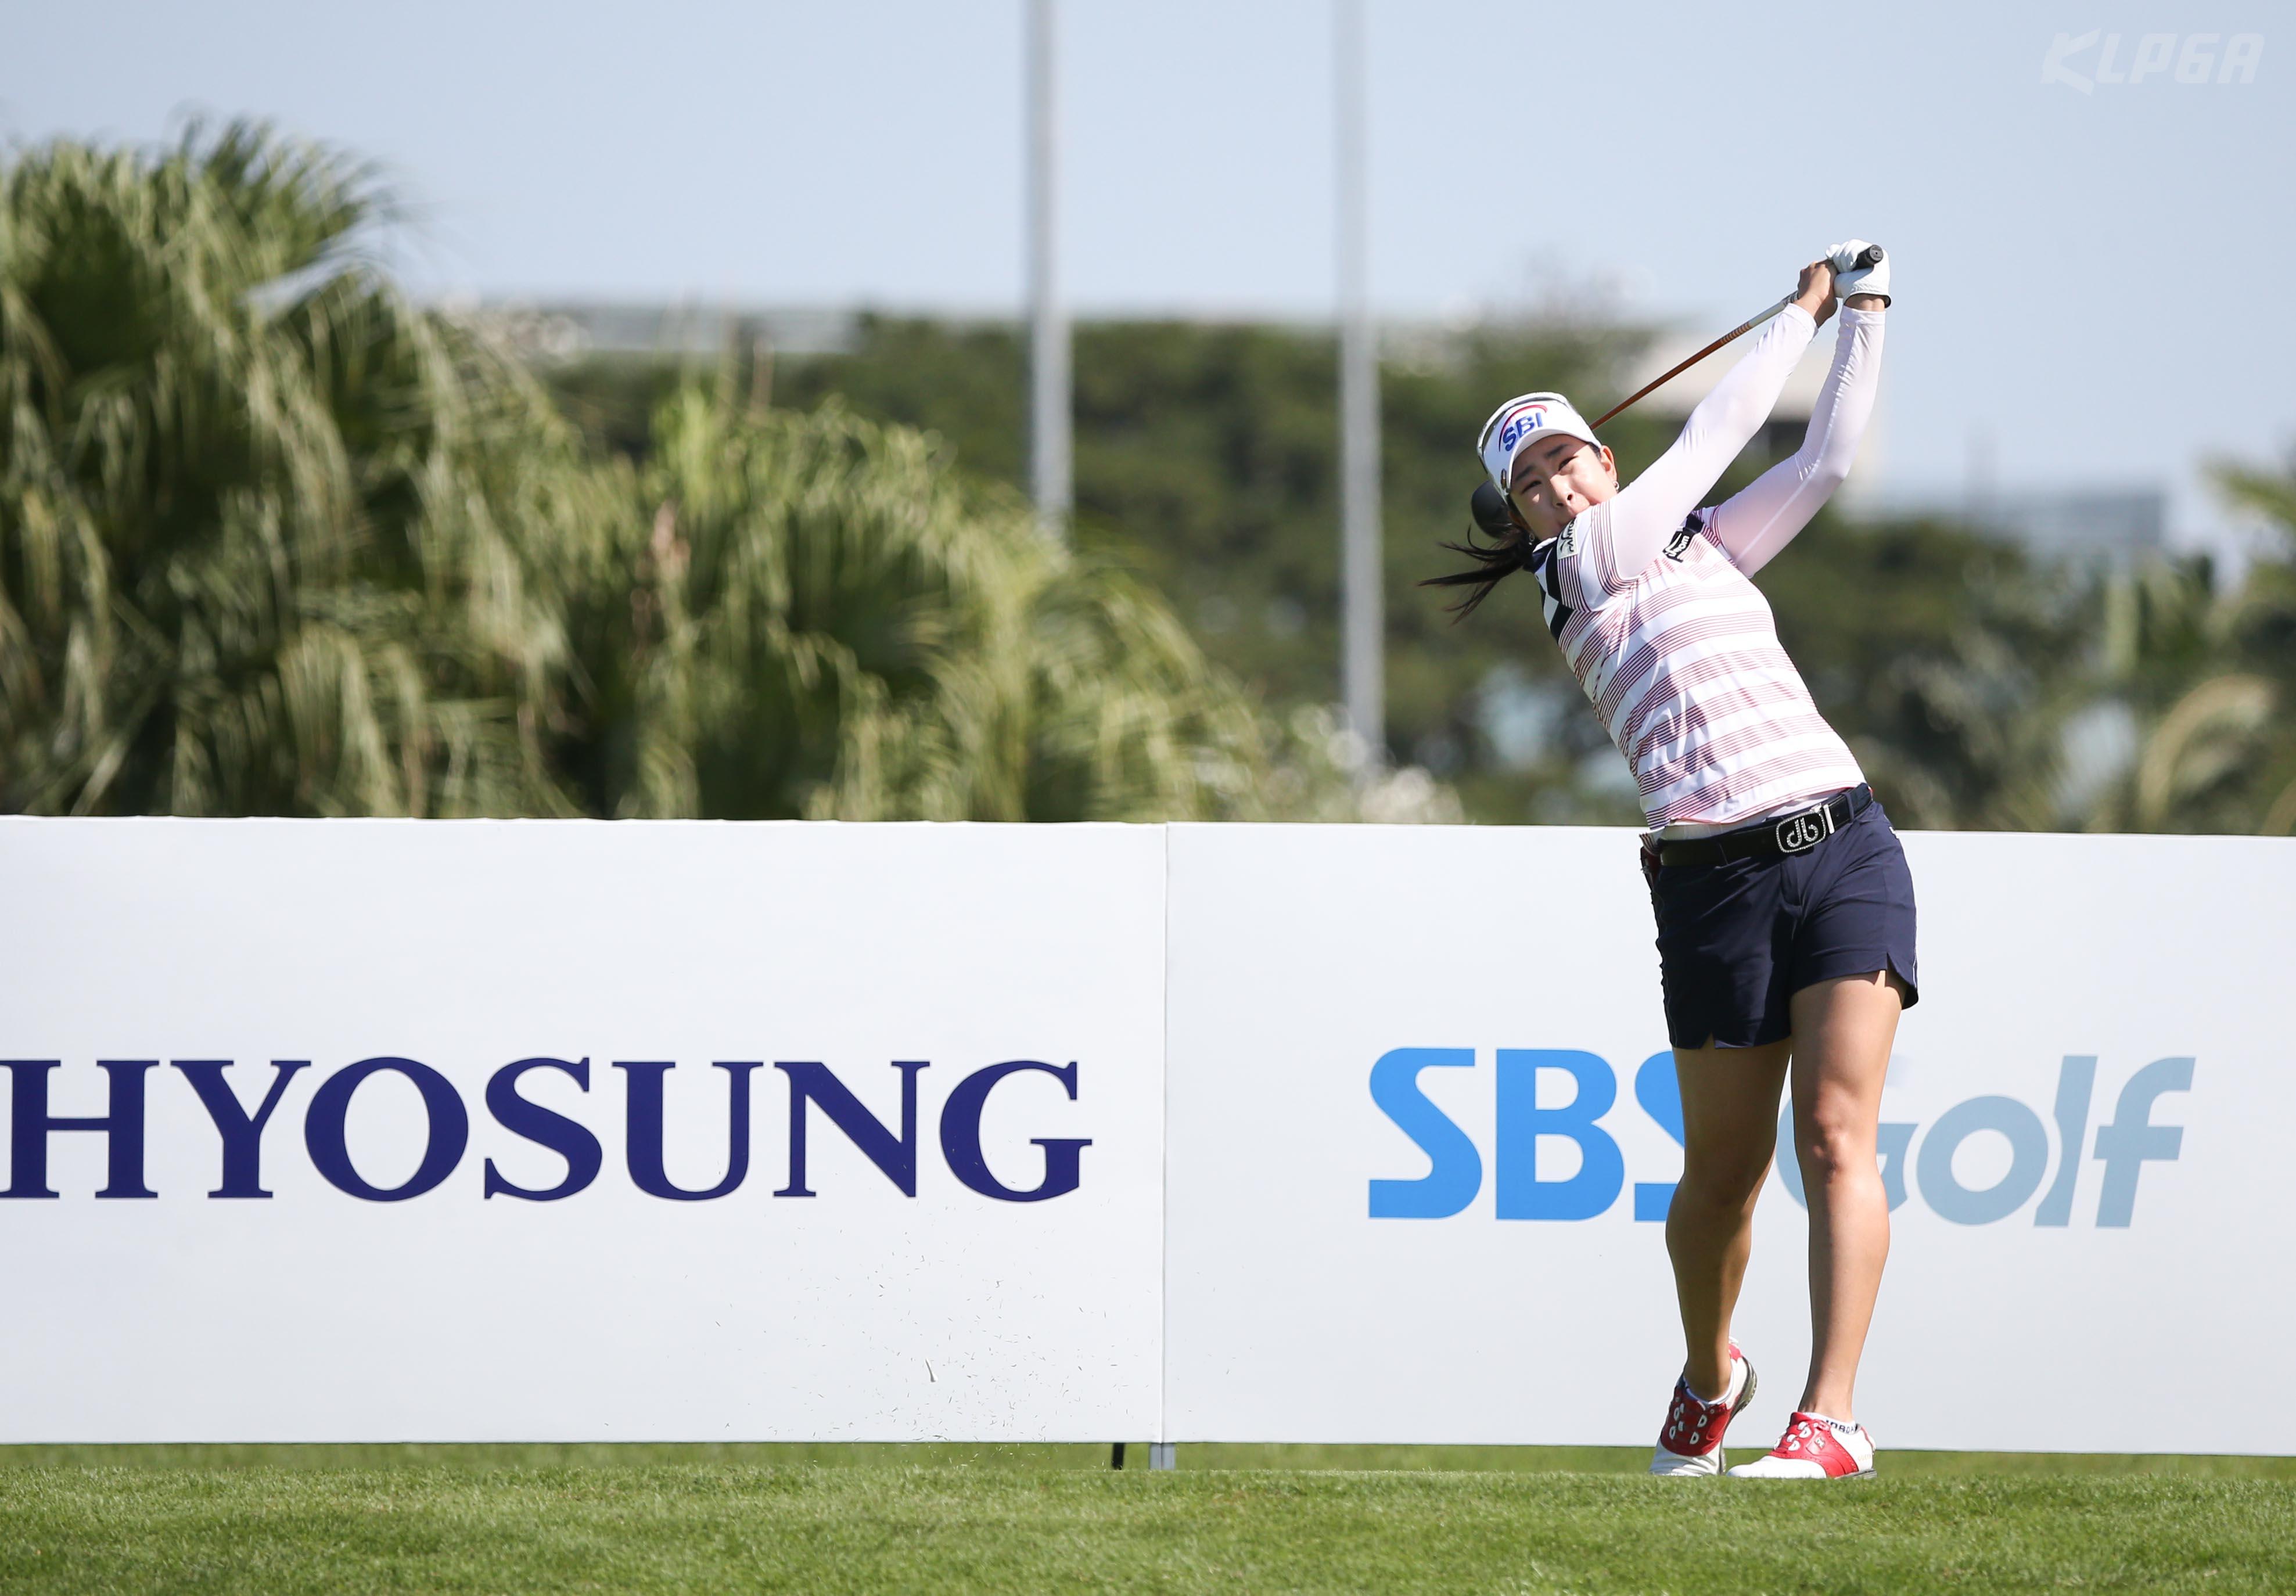 <커버 스토리>US 여자 오픈 우승자 김아림 미국행